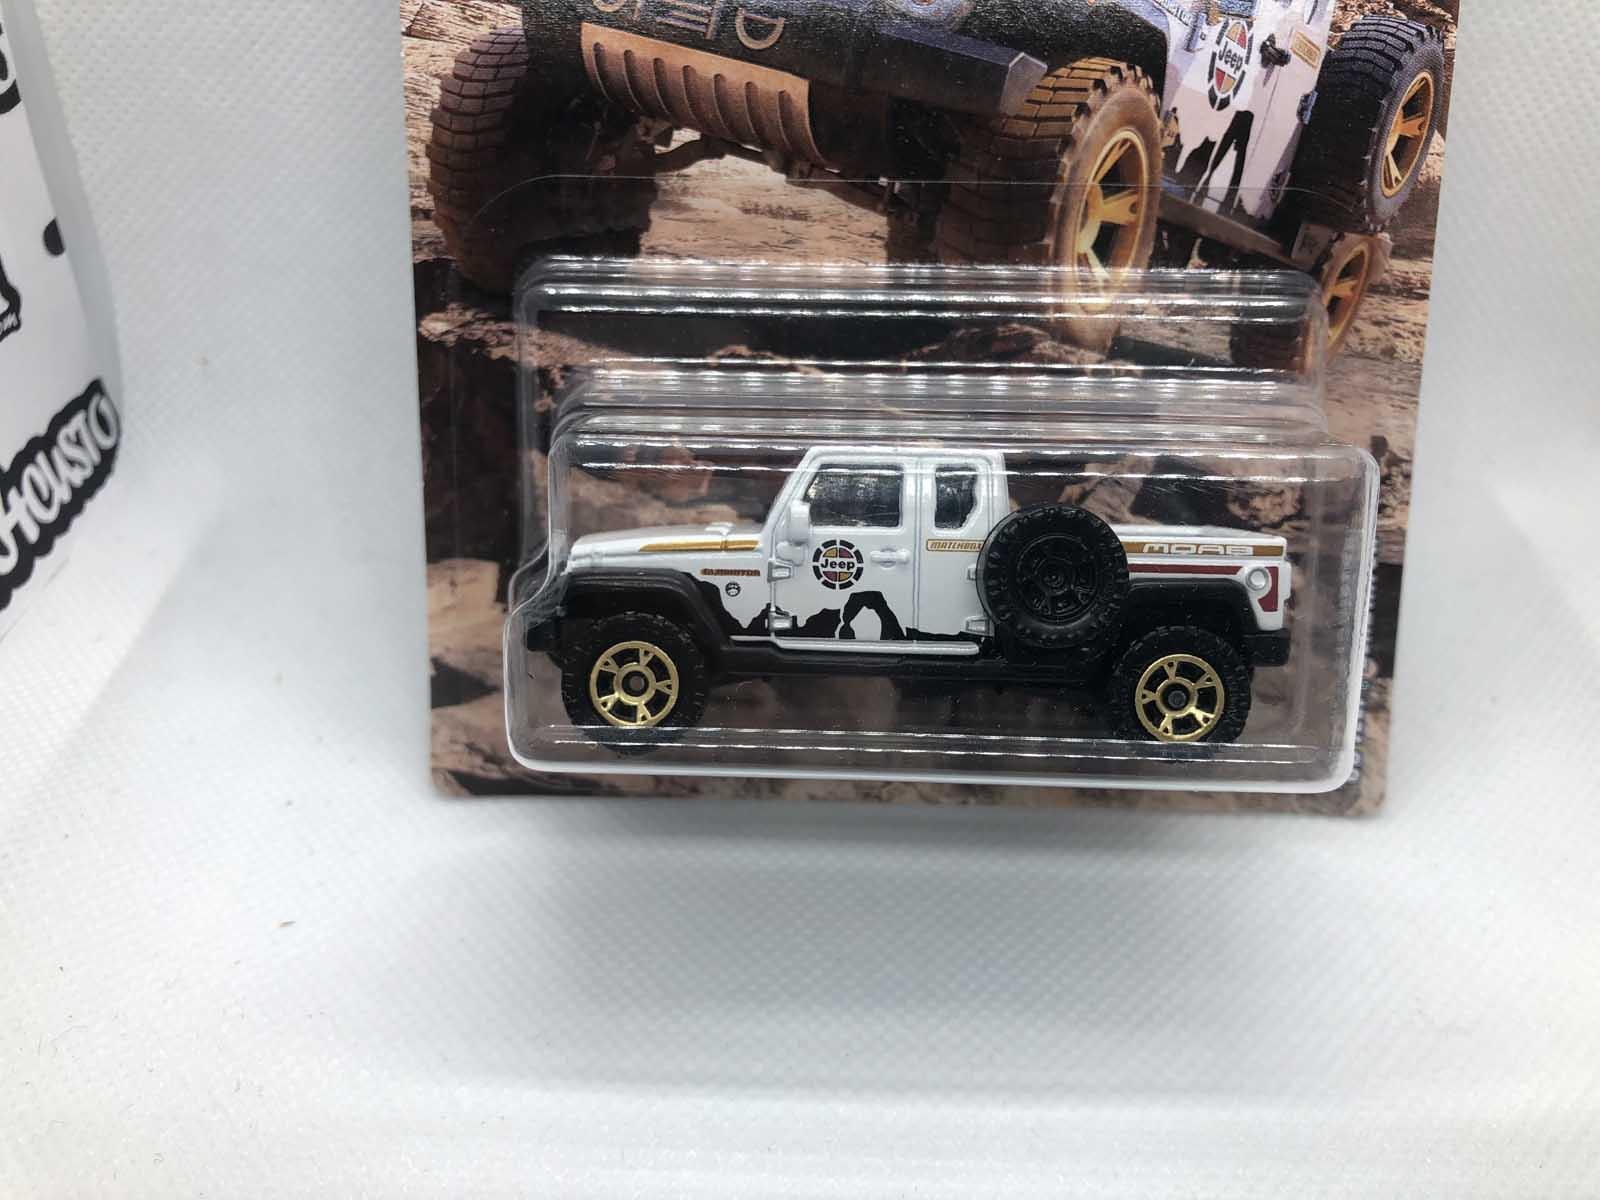 05 Jeep Gladiator